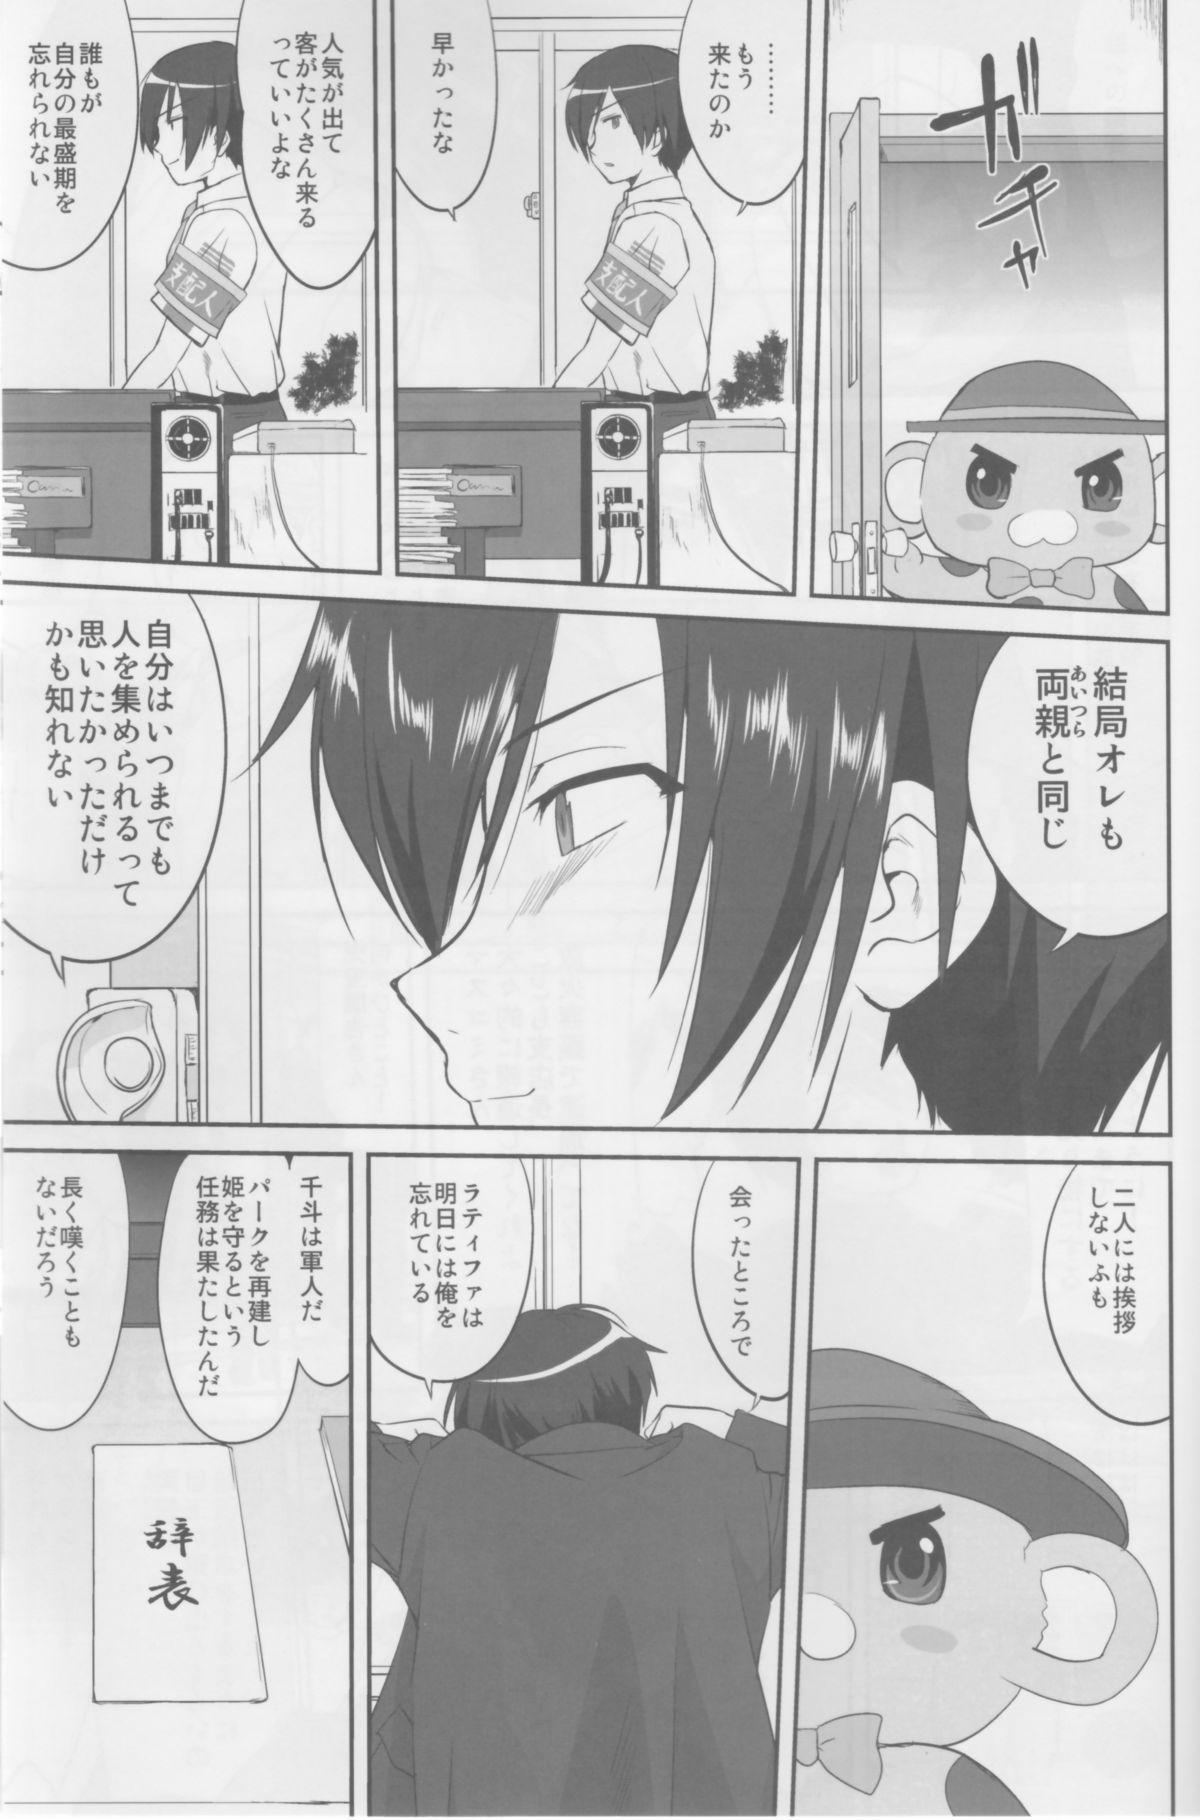 Amagi Strip Gekijou 51